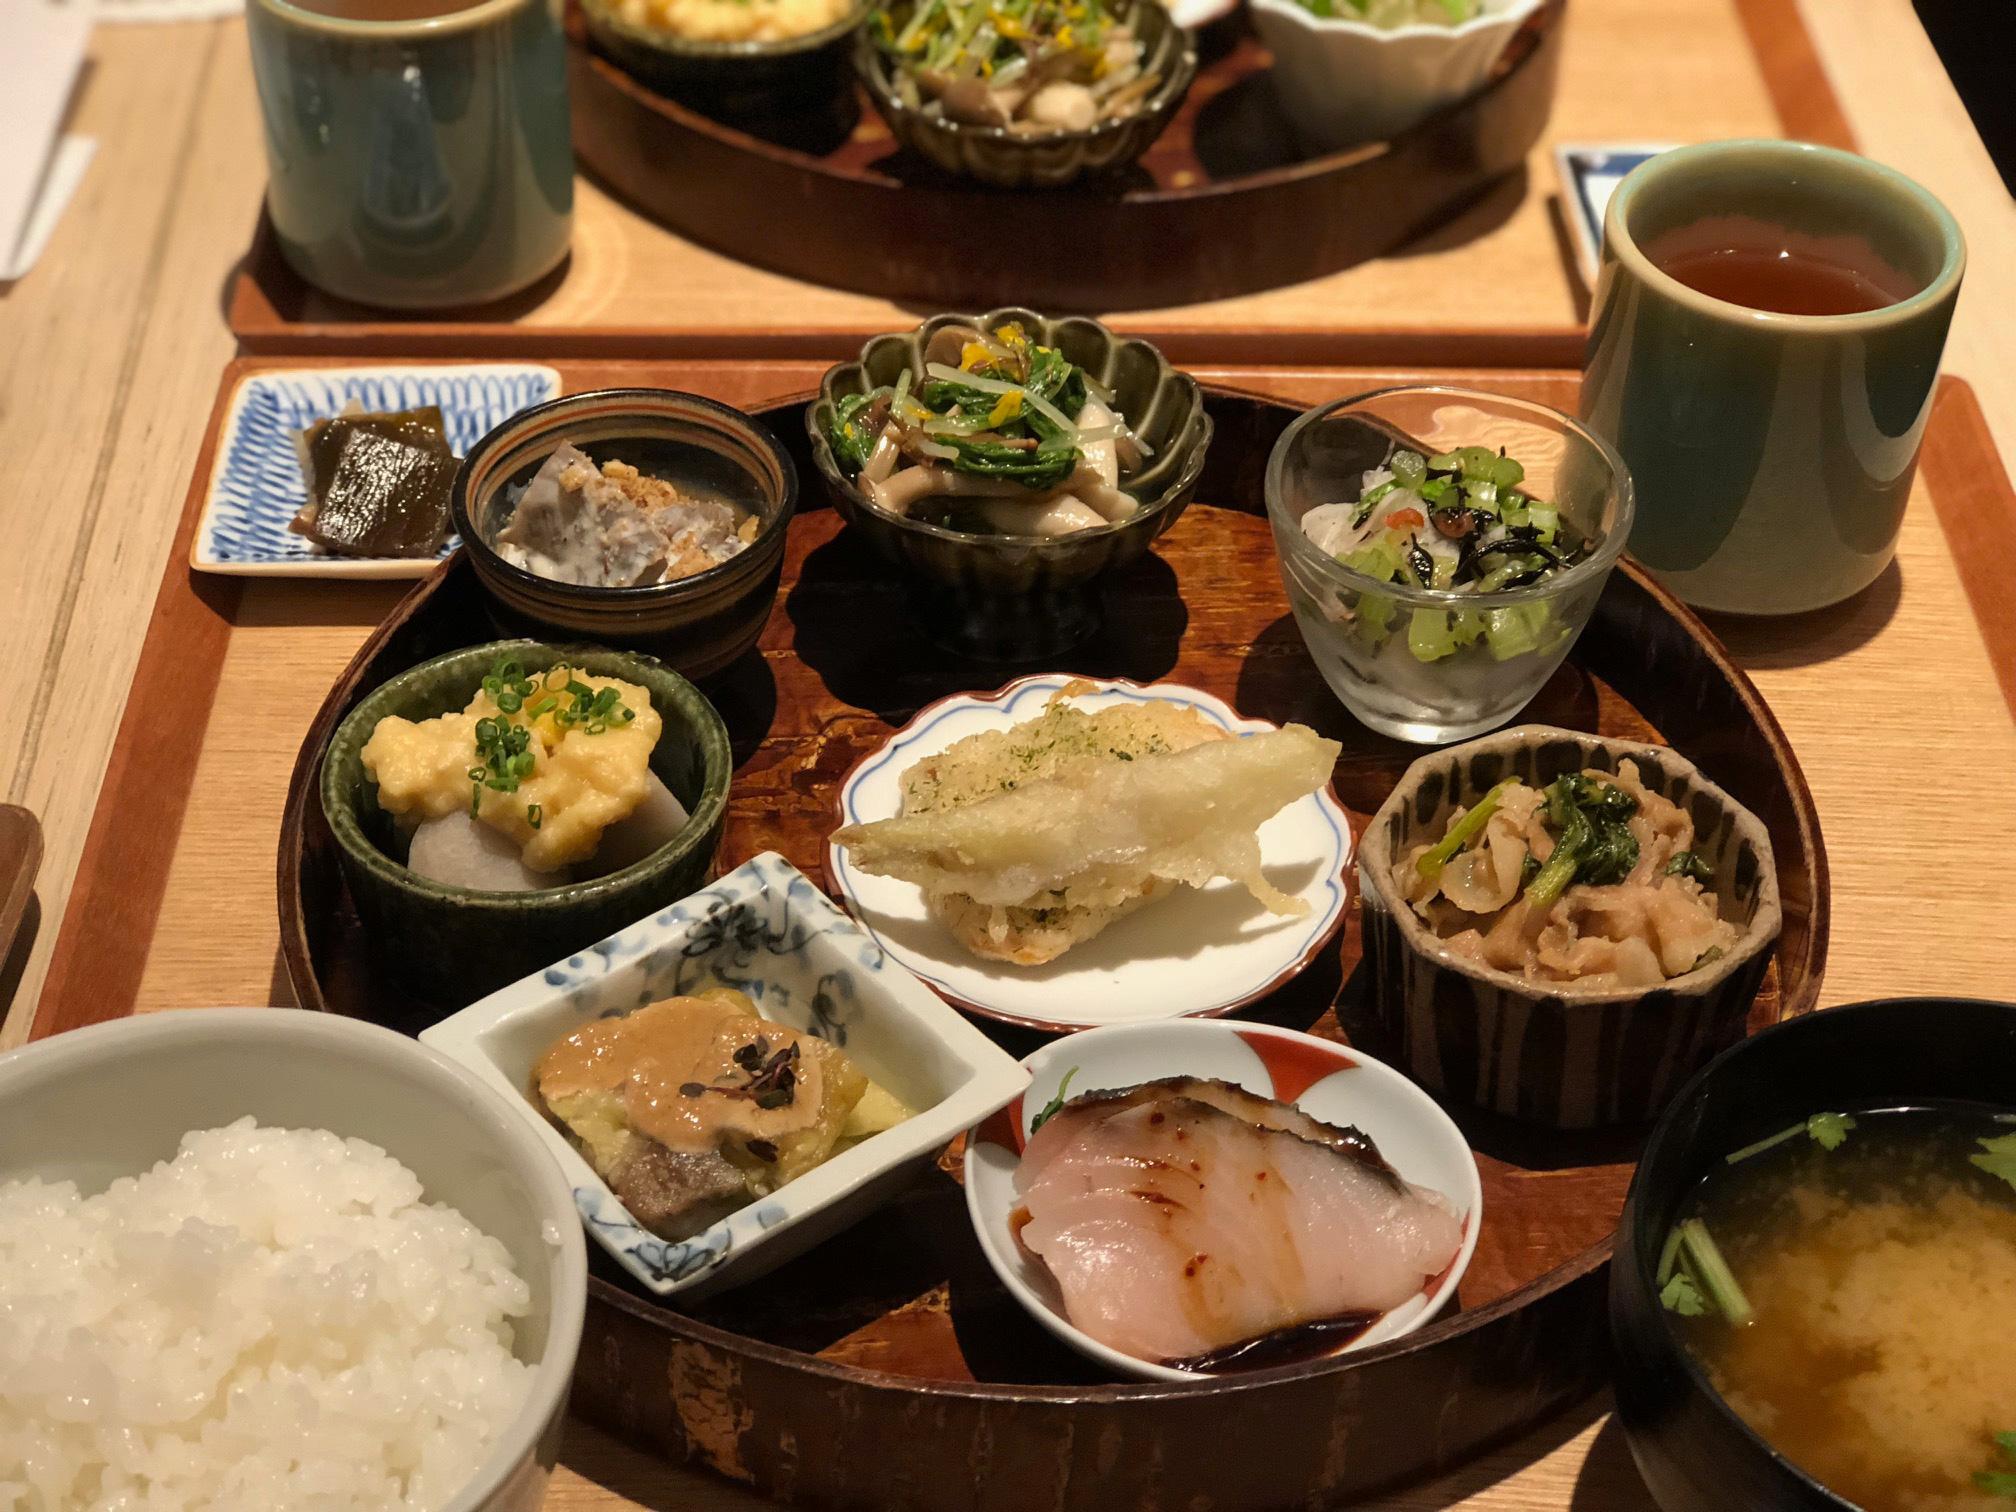 【銀座・和食】8品の絶品おかず×白米がたまらない! 銀座のぜいたくランチ